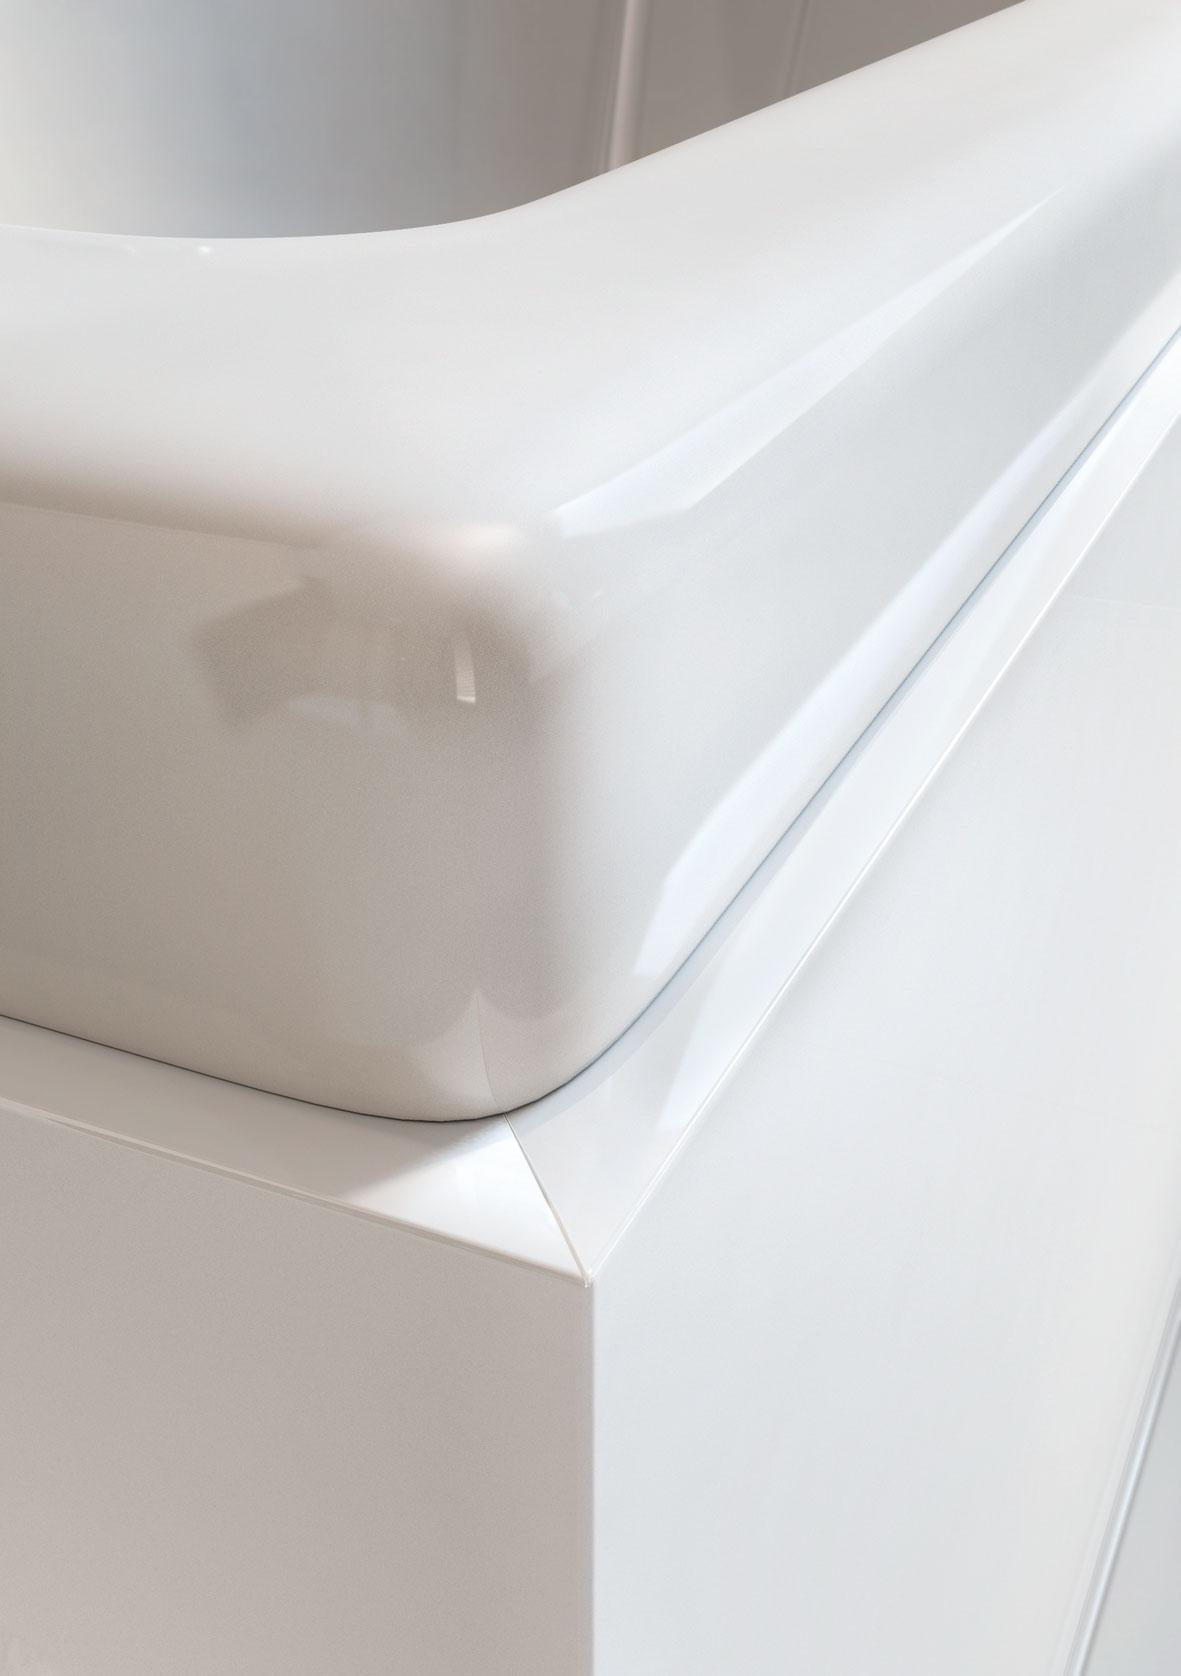 tablier frontal novalu pro frontal aquarine. Black Bedroom Furniture Sets. Home Design Ideas